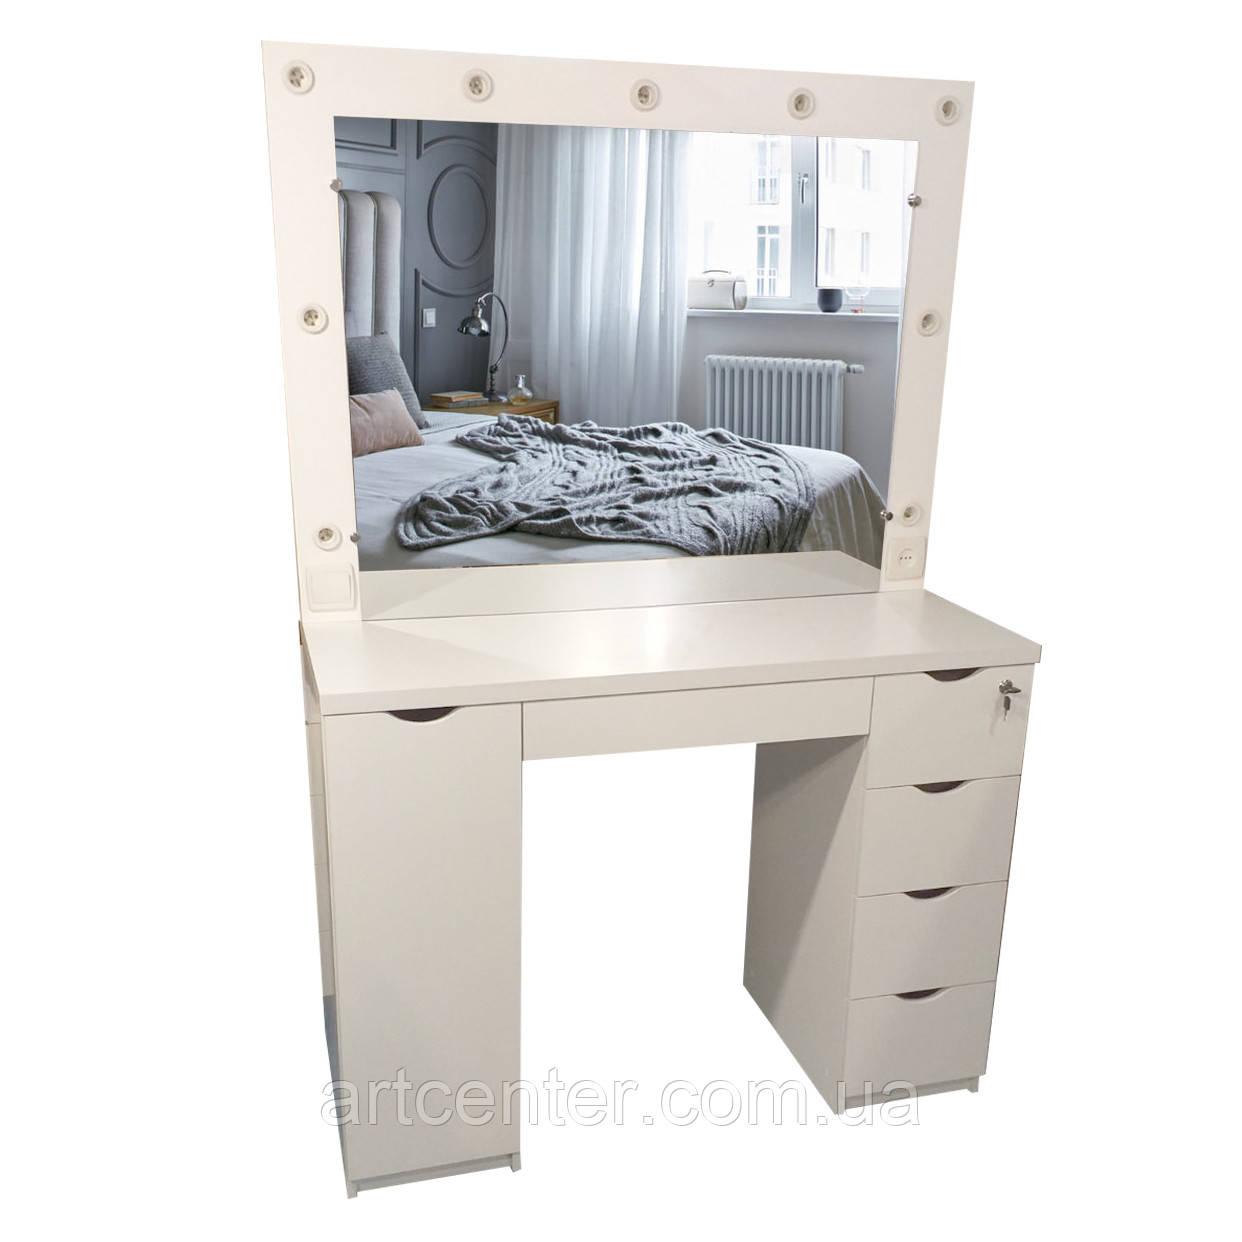 Стіл для визажста з ящиками і полицями